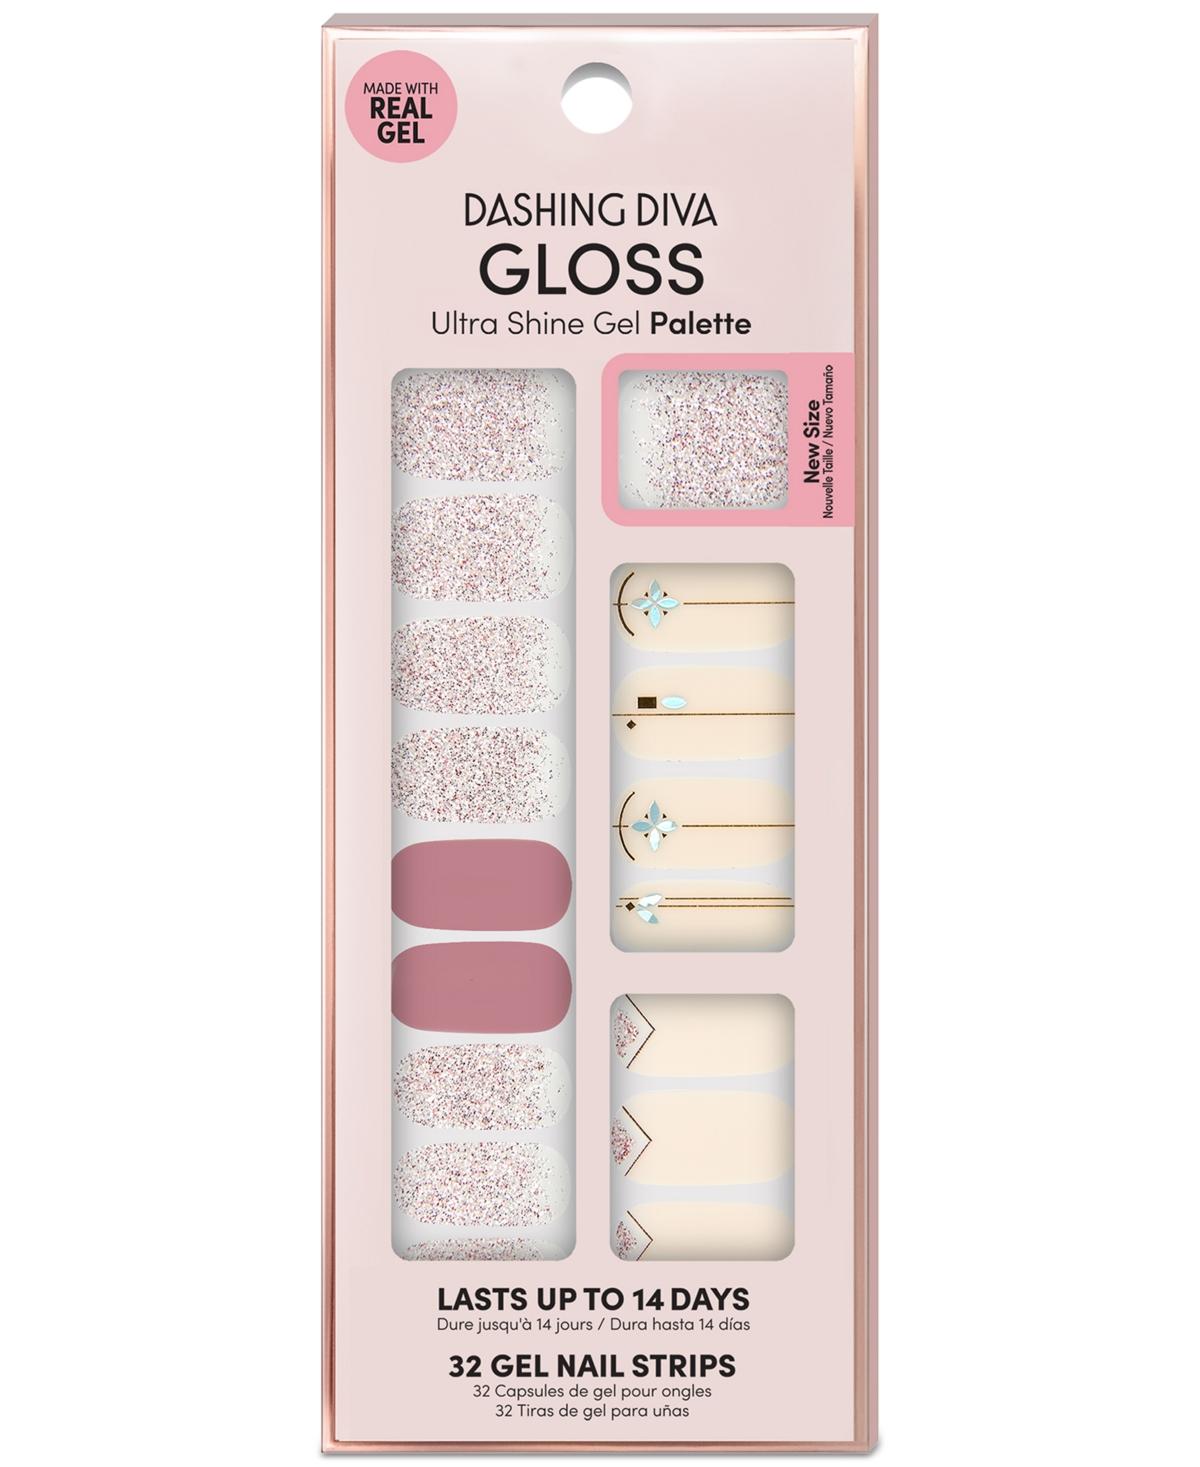 Dashing Diva Gloss Ultra Shine Gel Palette - Glitter Glamour